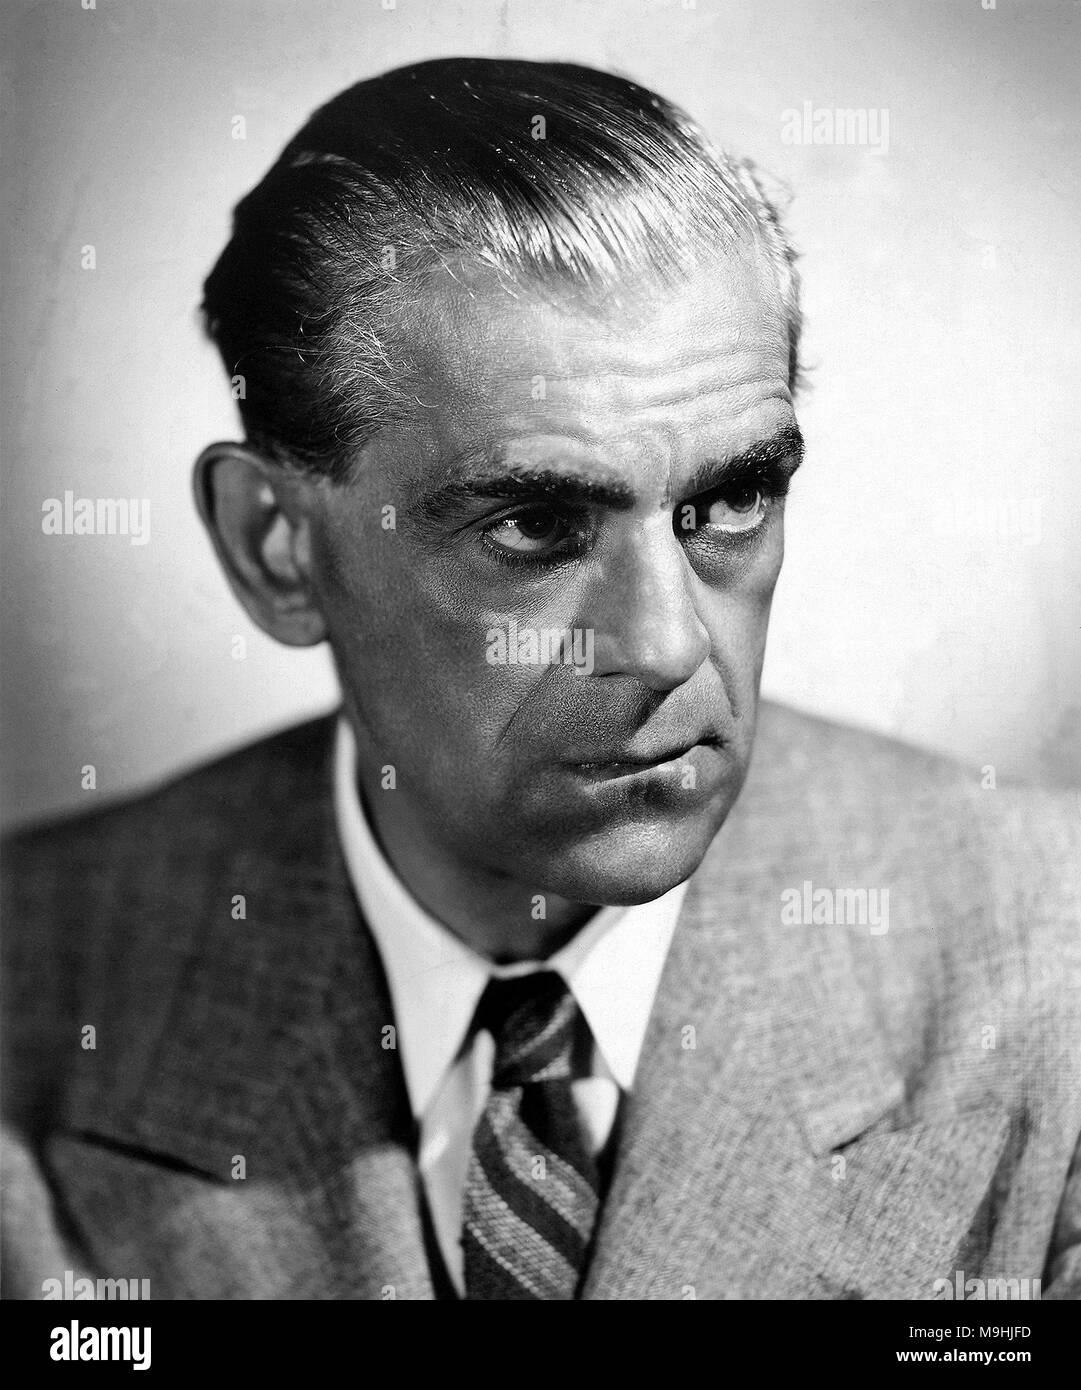 Boris Karloff, circa 1942 William Henry Pratt (1887 – 1969), better known as Boris Karloff, English actor - Stock Image